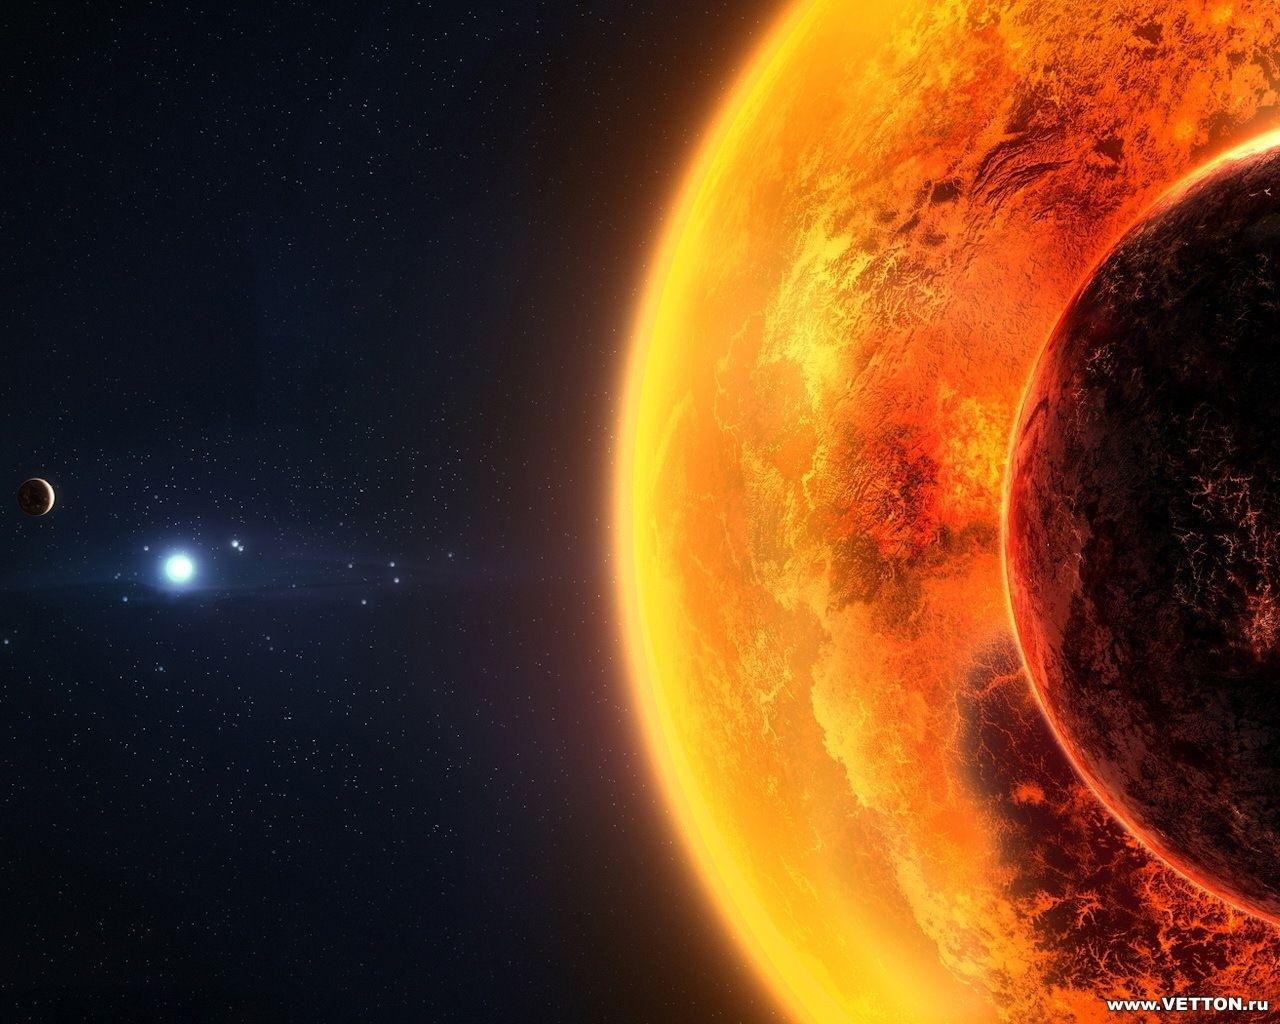 13518 скачать обои Пейзаж, Планеты, Космос, Солнце - заставки и картинки бесплатно